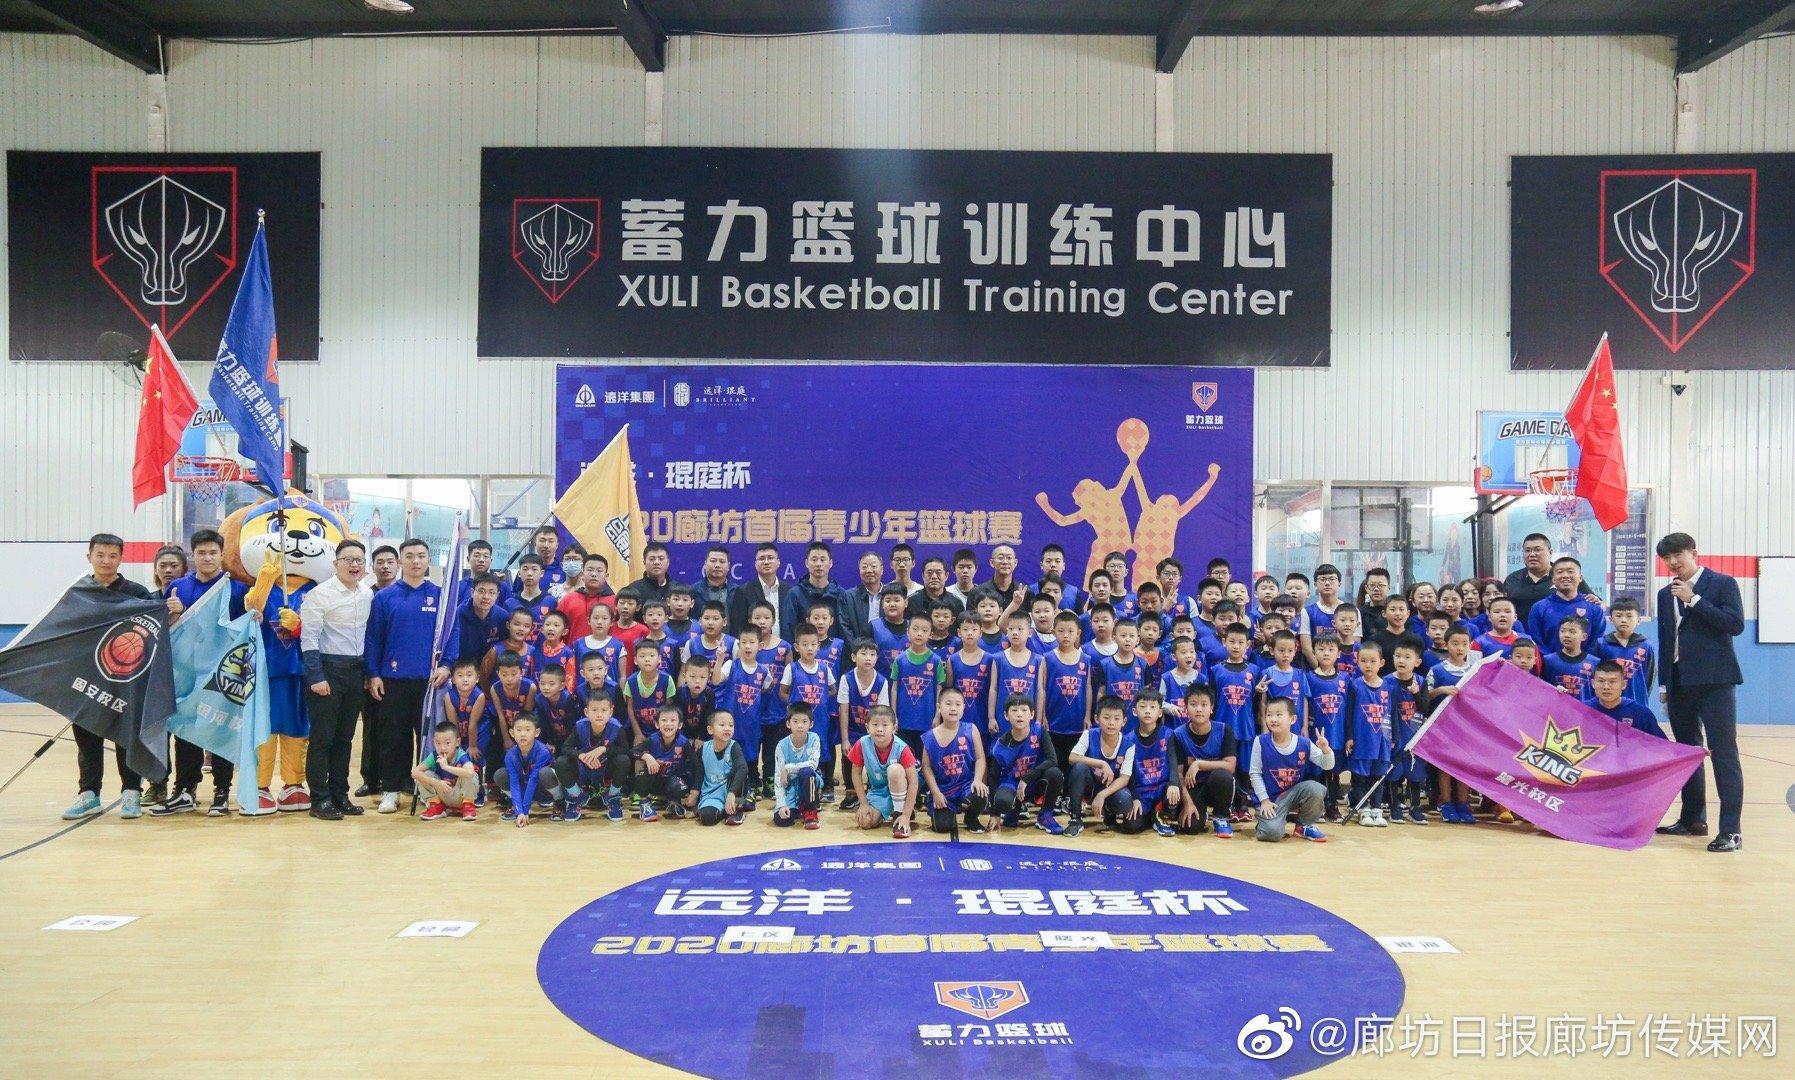 远洋·琨庭杯2020廊坊市青少年篮球赛开幕